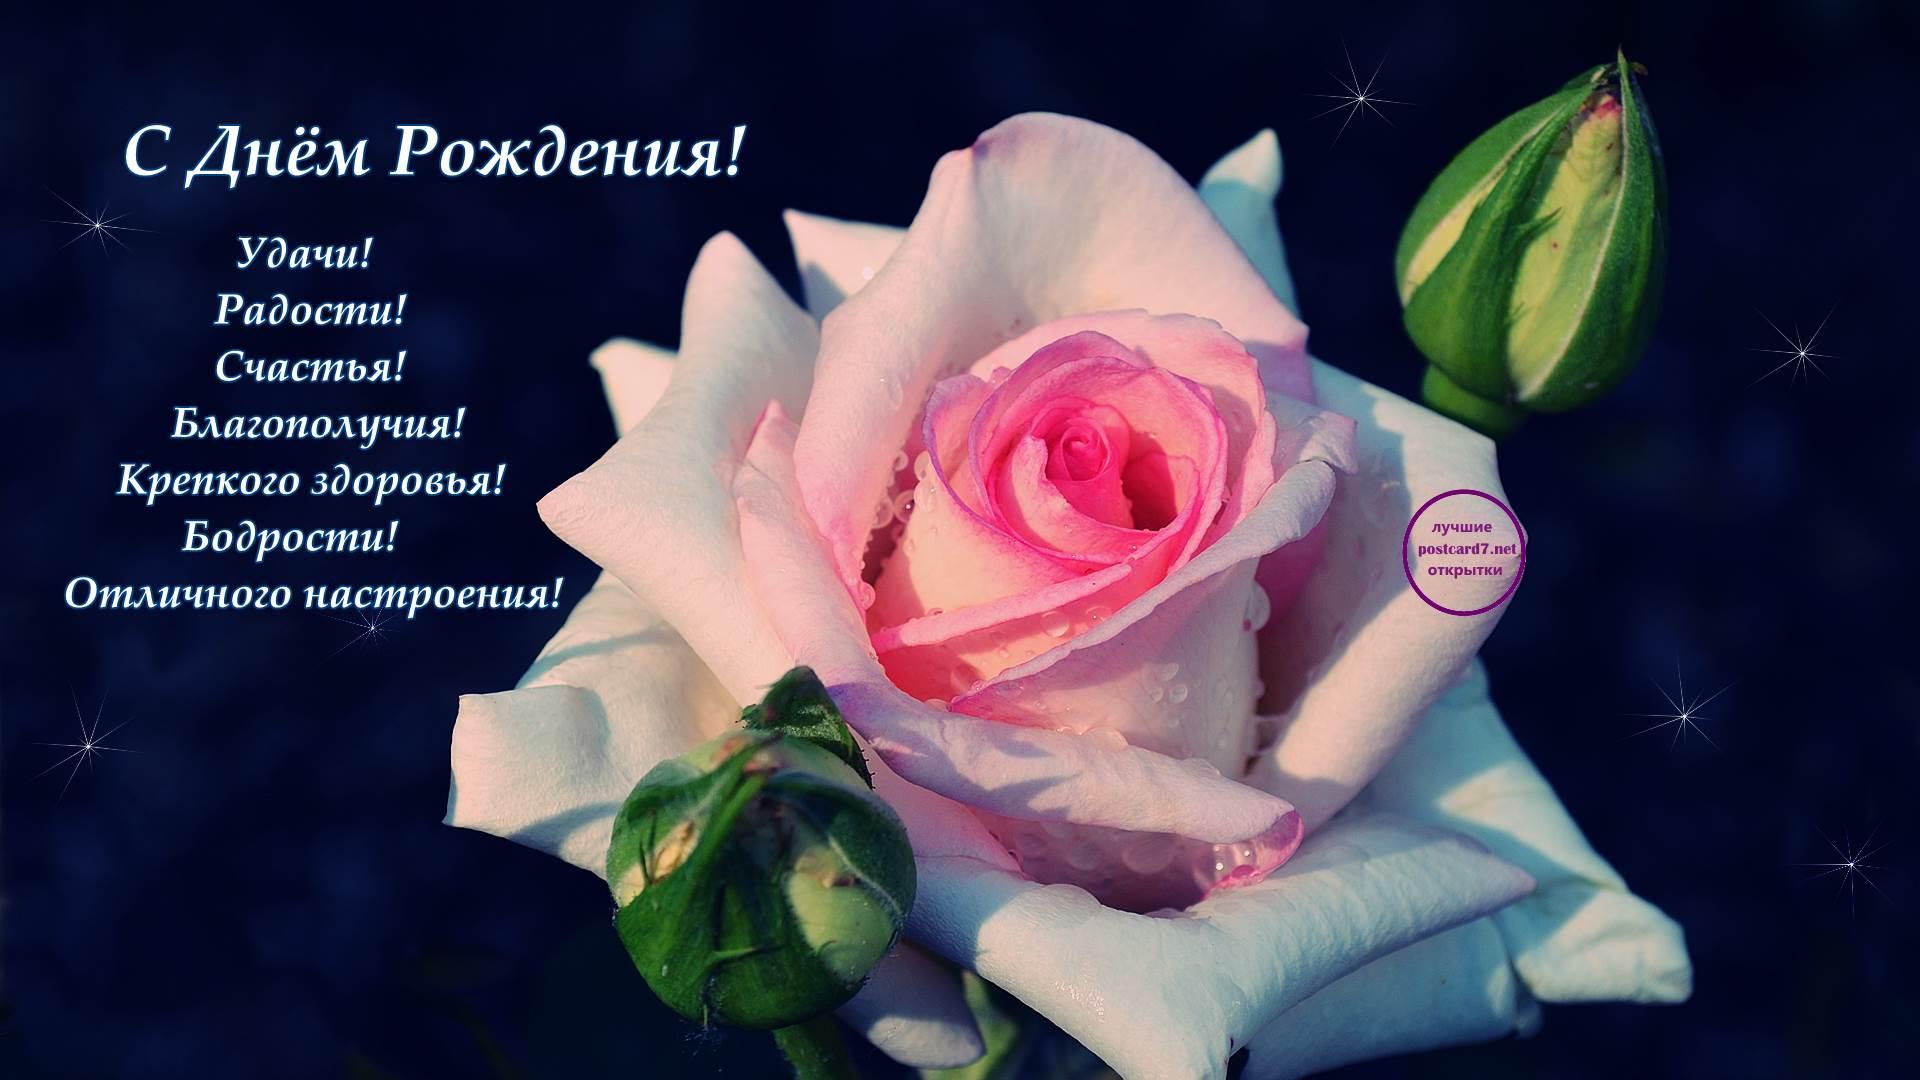 Открытка с пожеланиями - Роза в росе - на День Рождения, фото-обои 1920-1080